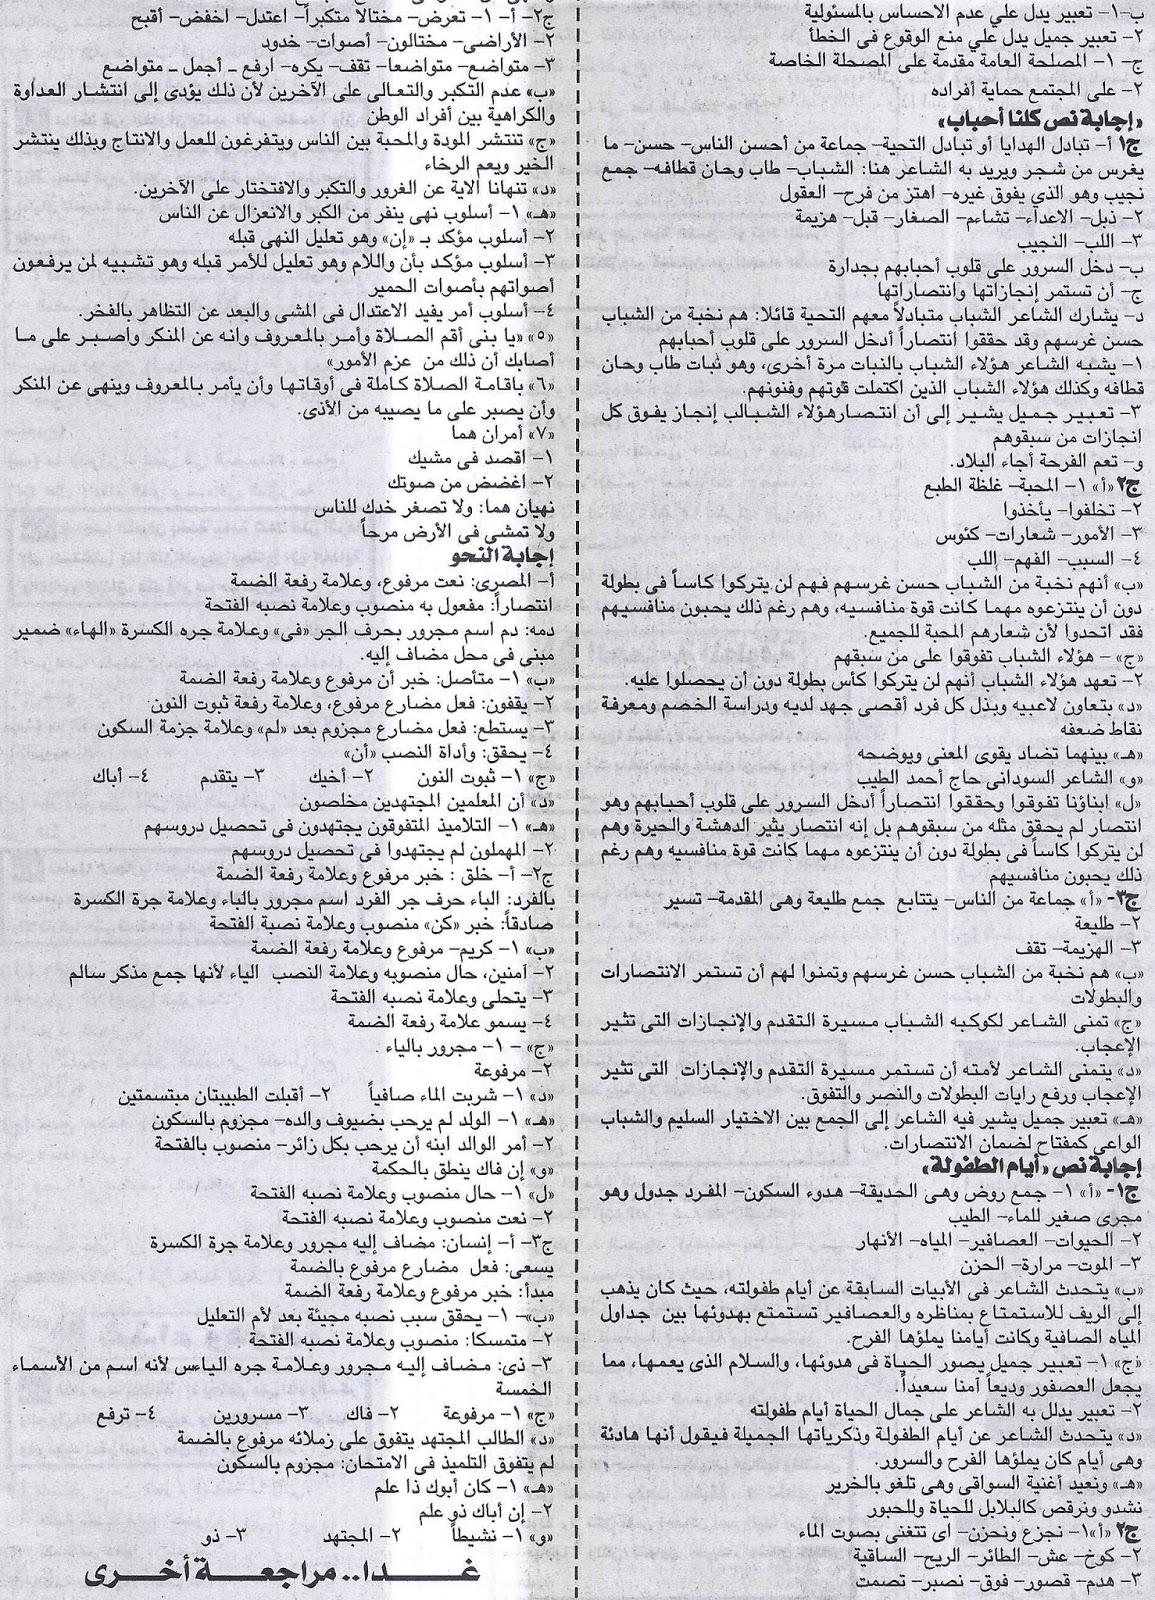 بنك سؤال وجواب لغة عربية الشهادة الابتدائية لن يخرج عنة امتحان اخر العام - ملحق الجمهورية 7/5/2016 8